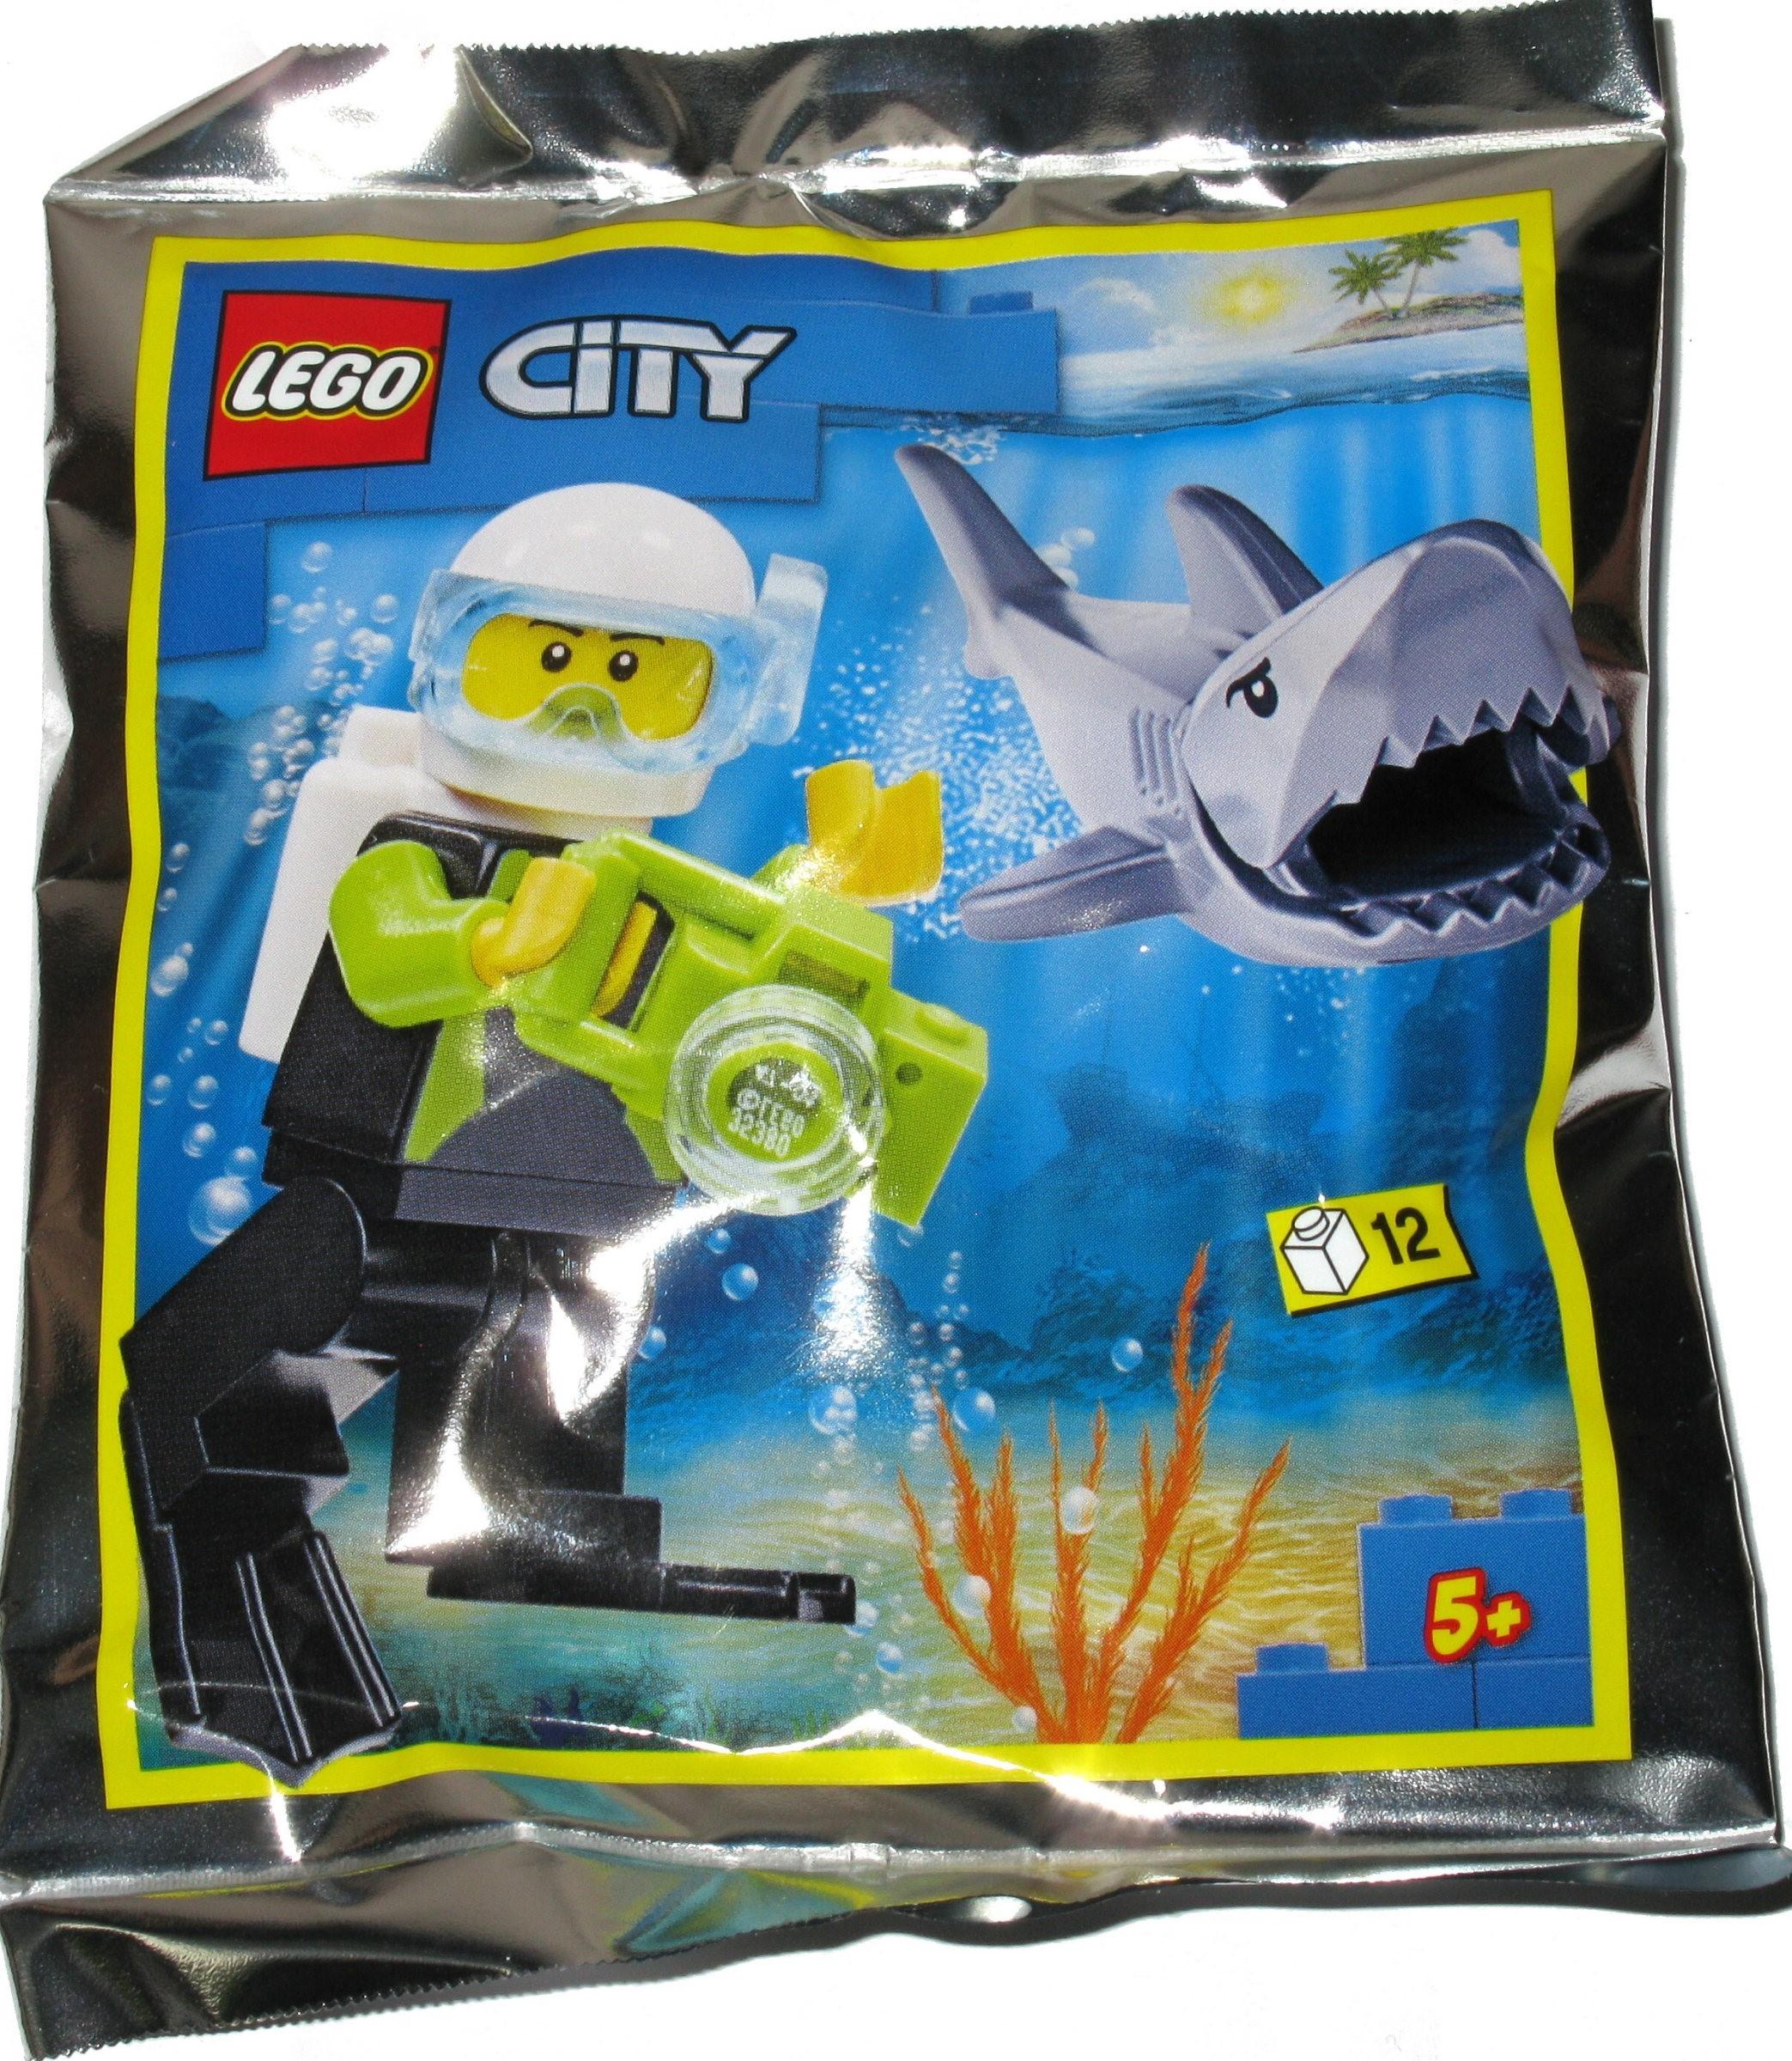 952019 Scuba Diver and Shark